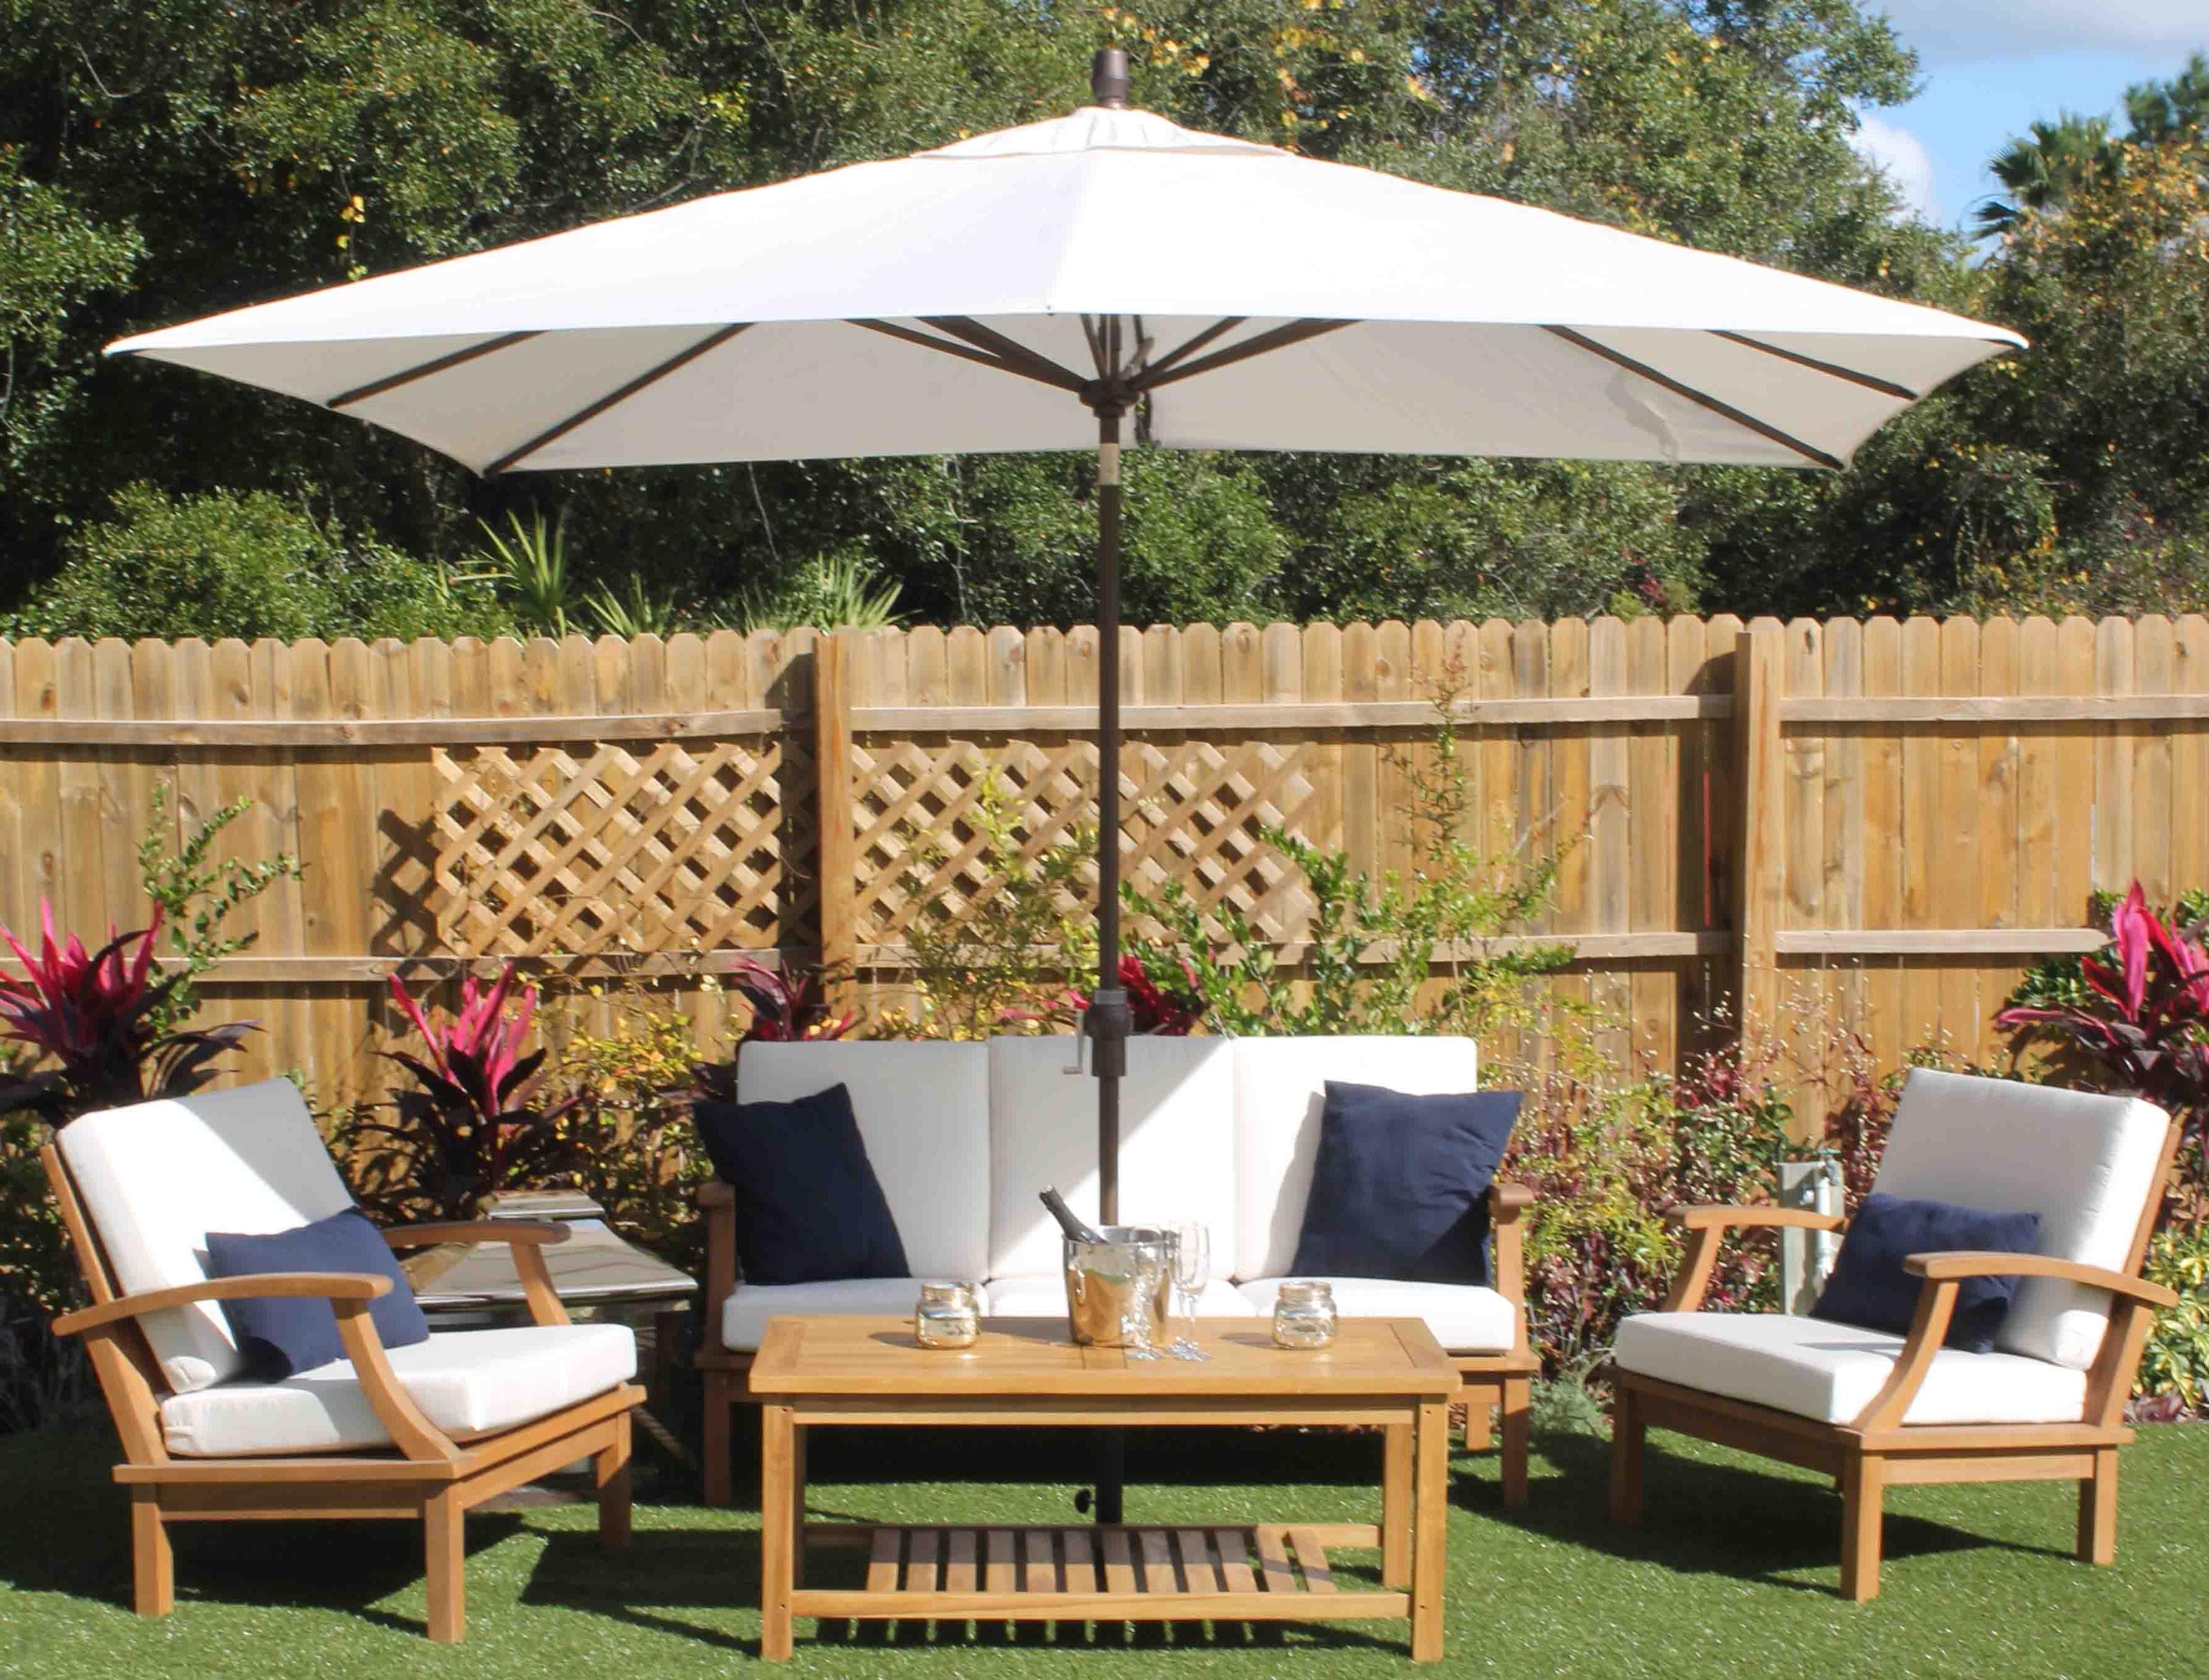 Newest 48 Rectangular Sunbrella Patio Umbrellas, 6#039; X 10#039; Sunbrella Pertaining To Sunbrella Outdoor Patio Umbrellas (View 17 of 20)